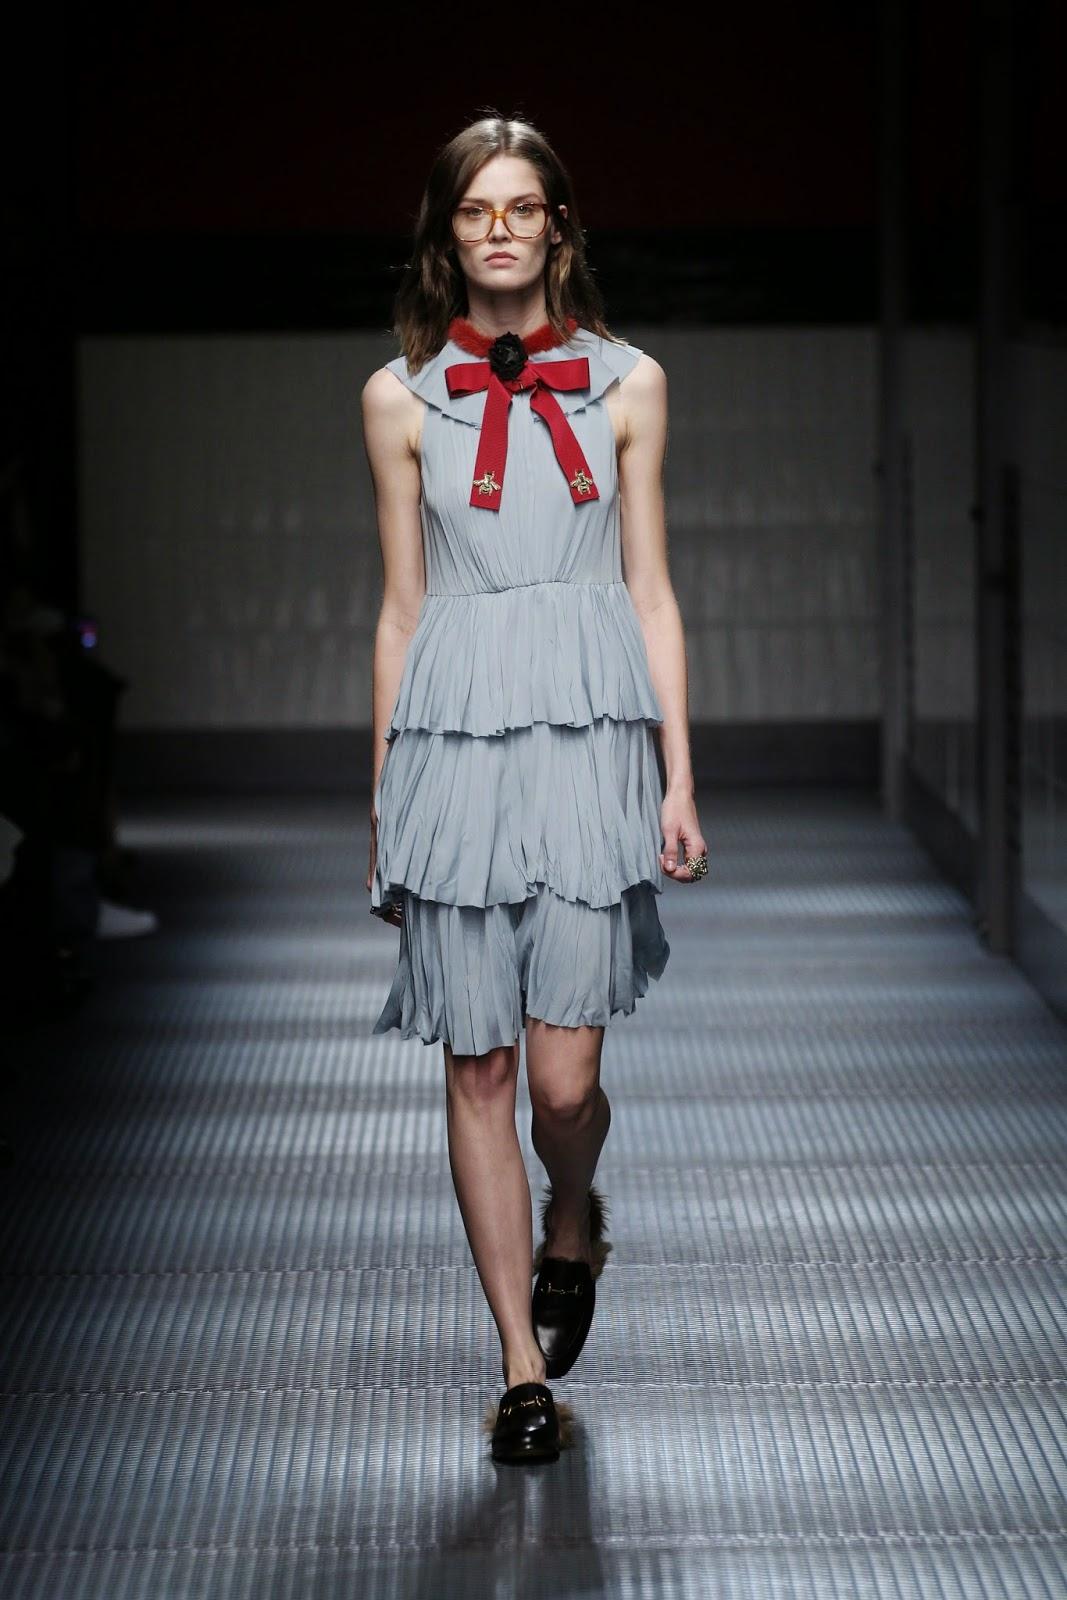 Fashionweek Milano 2015_07